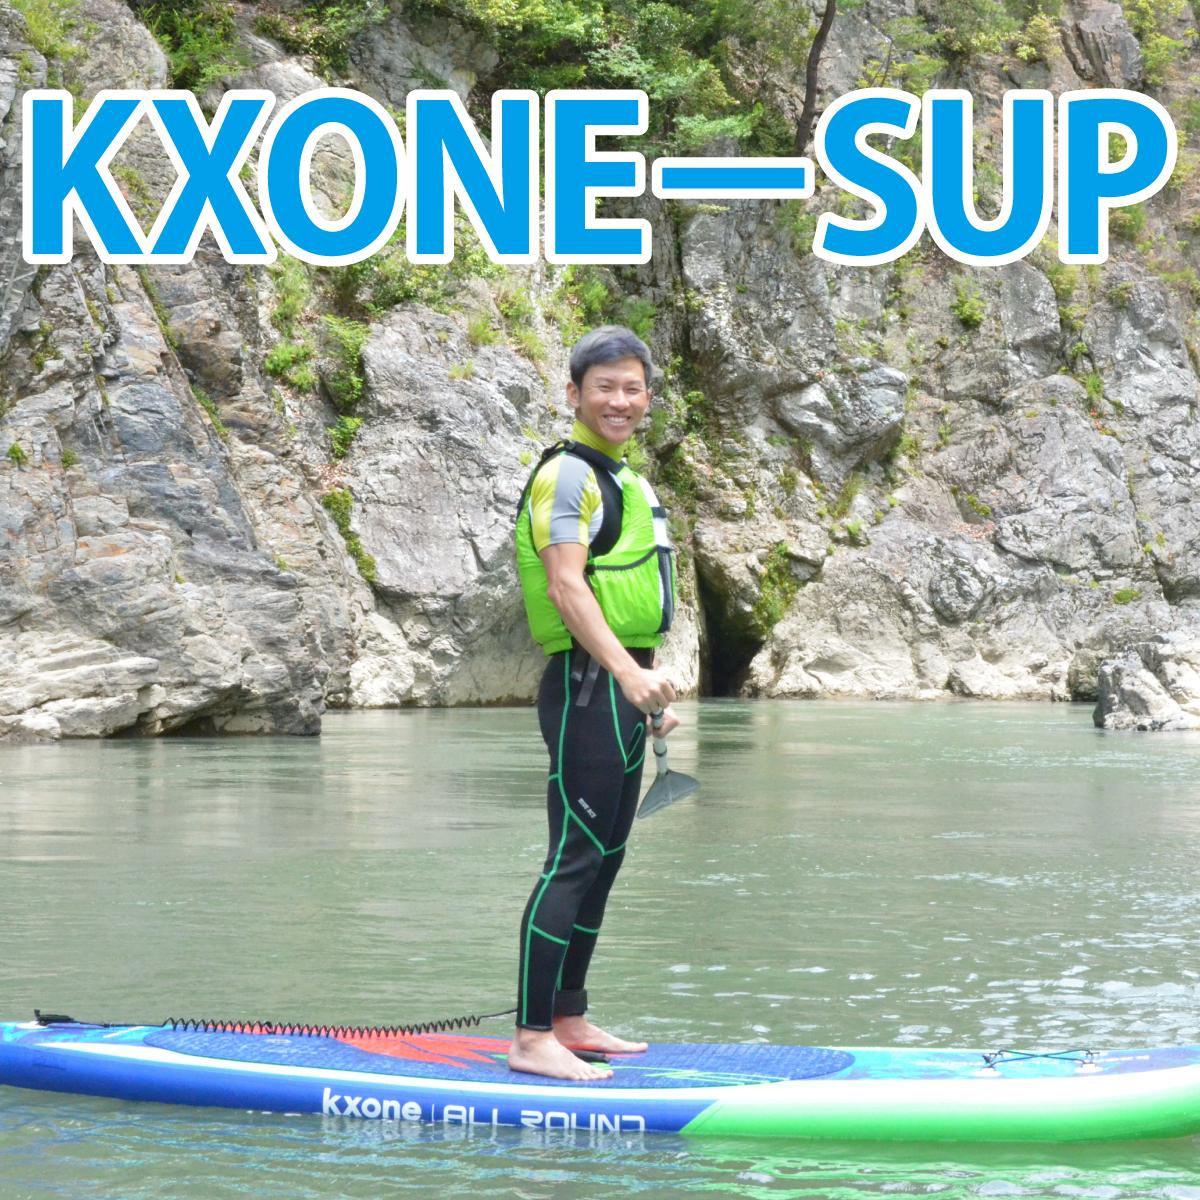 SUP(サップ-)KXONEオールラウンドモデル長320cm/幅86cm/厚15cm